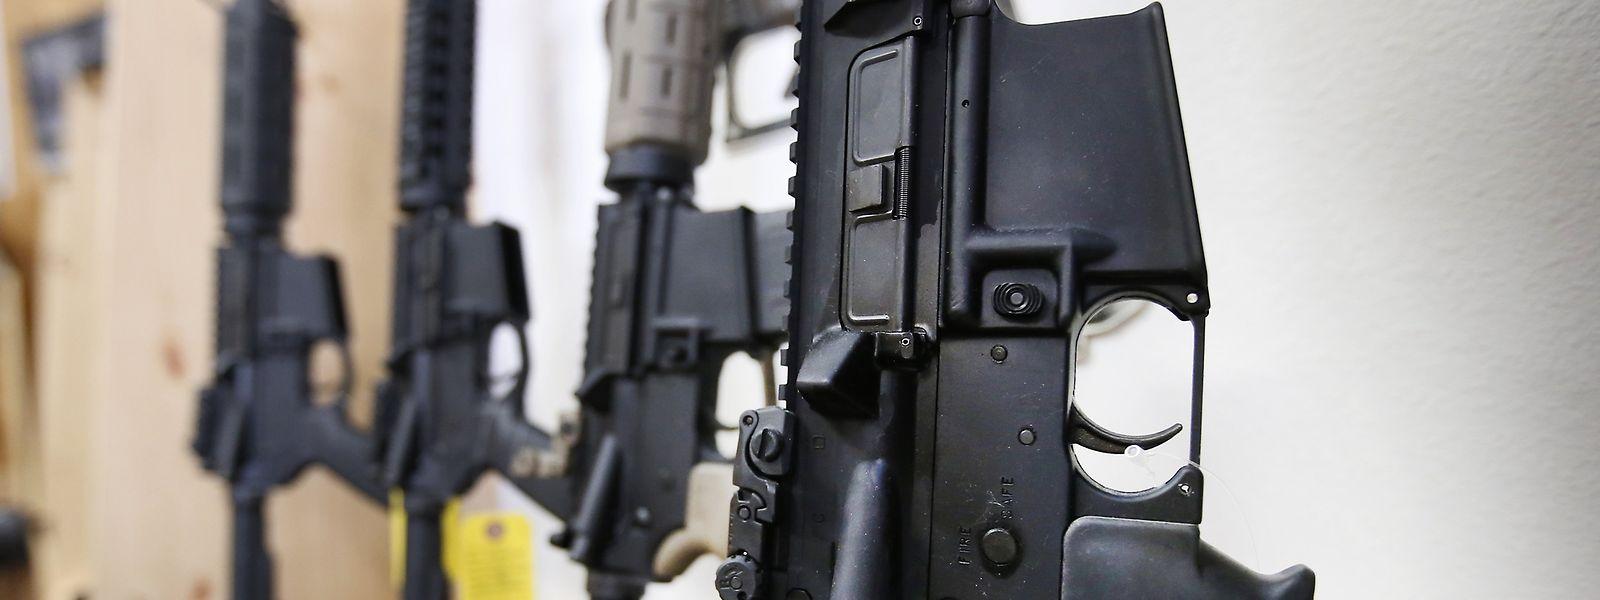 Das Gesetzesprojekt macht keinen Unterschied zwischen historischen und modernen Kriegswaffen.